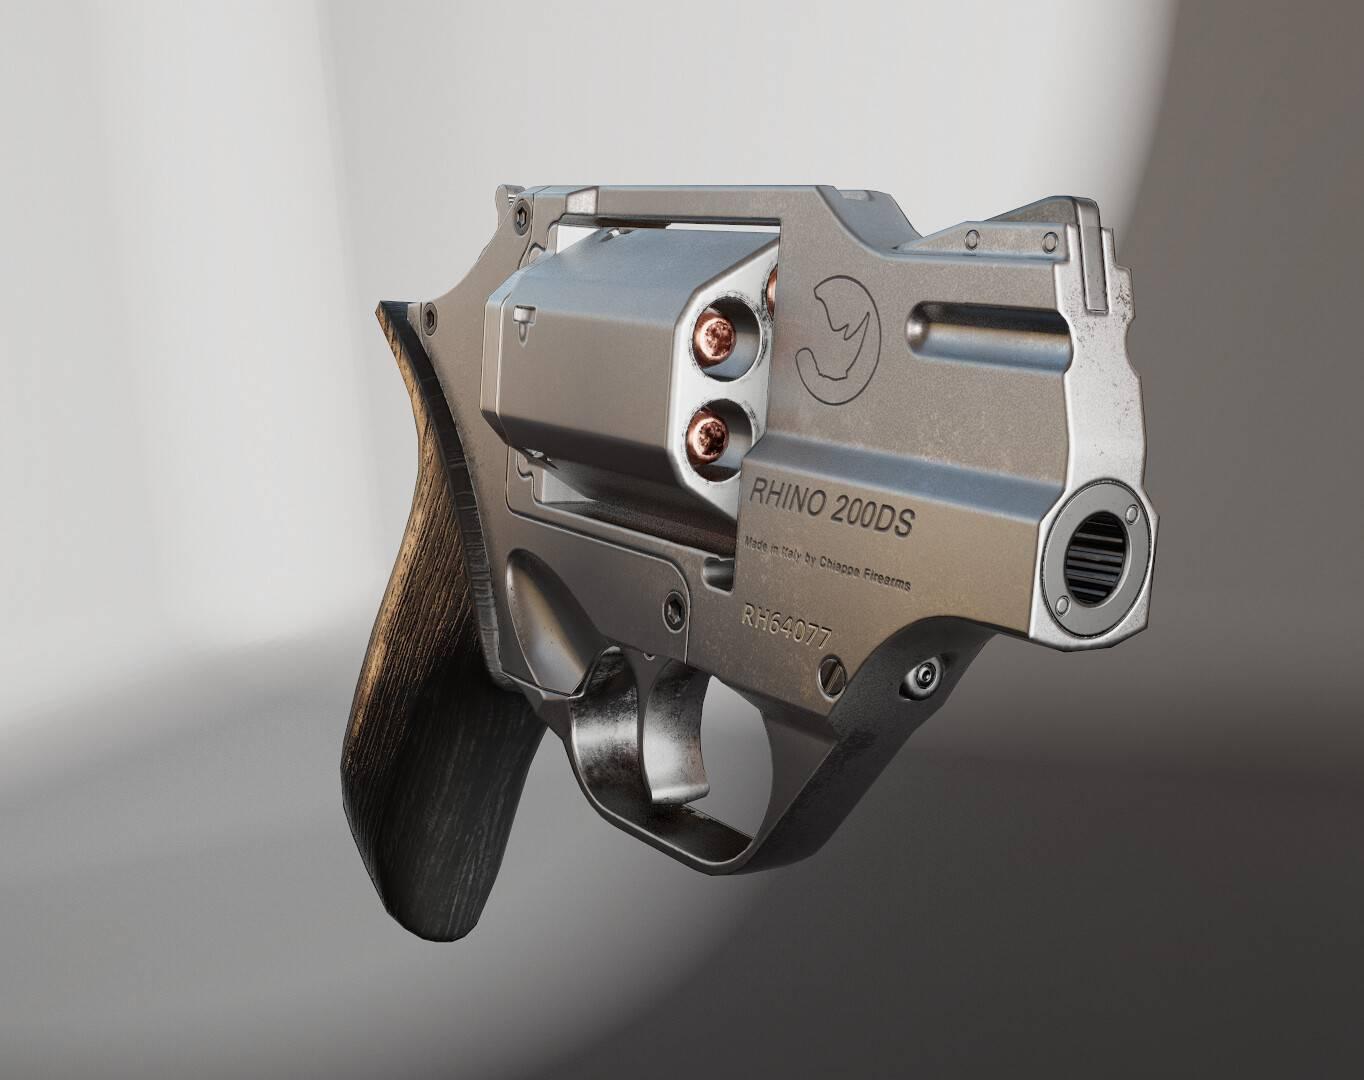 Револьвер Chiappa Rhino 200DS